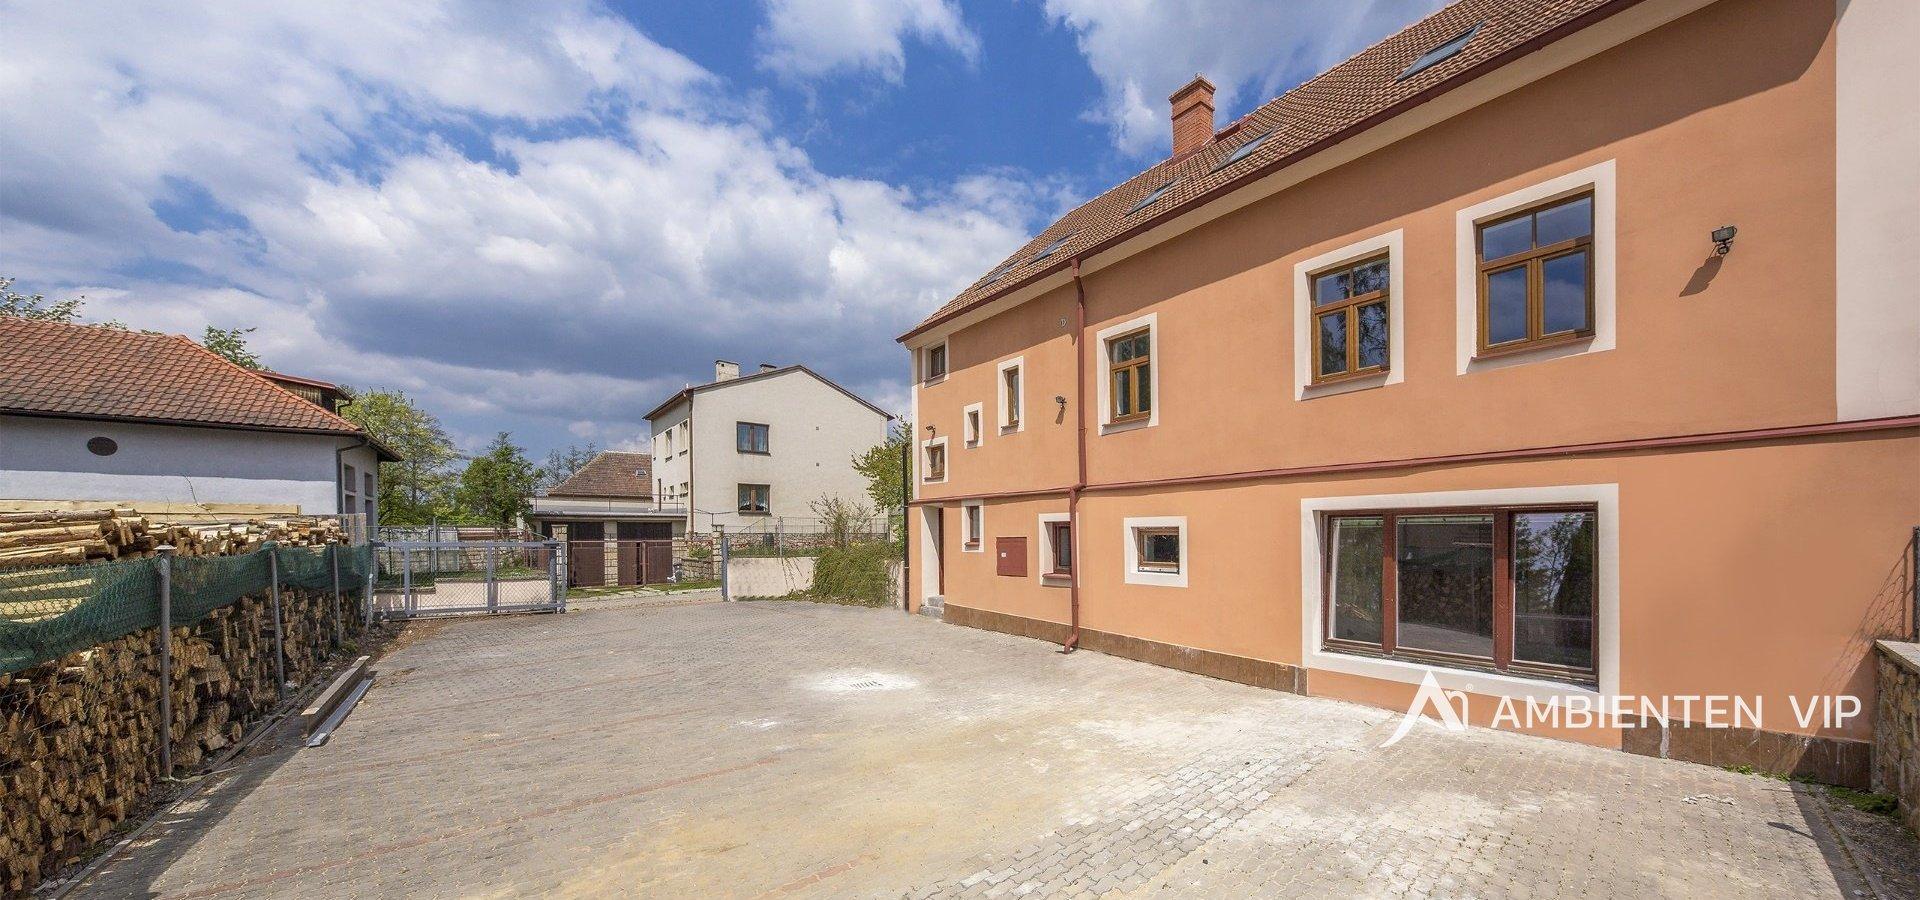 prodej-rodinneho-domu-na-bydleni-i-investici-477m2-telc-9merge-235f0e